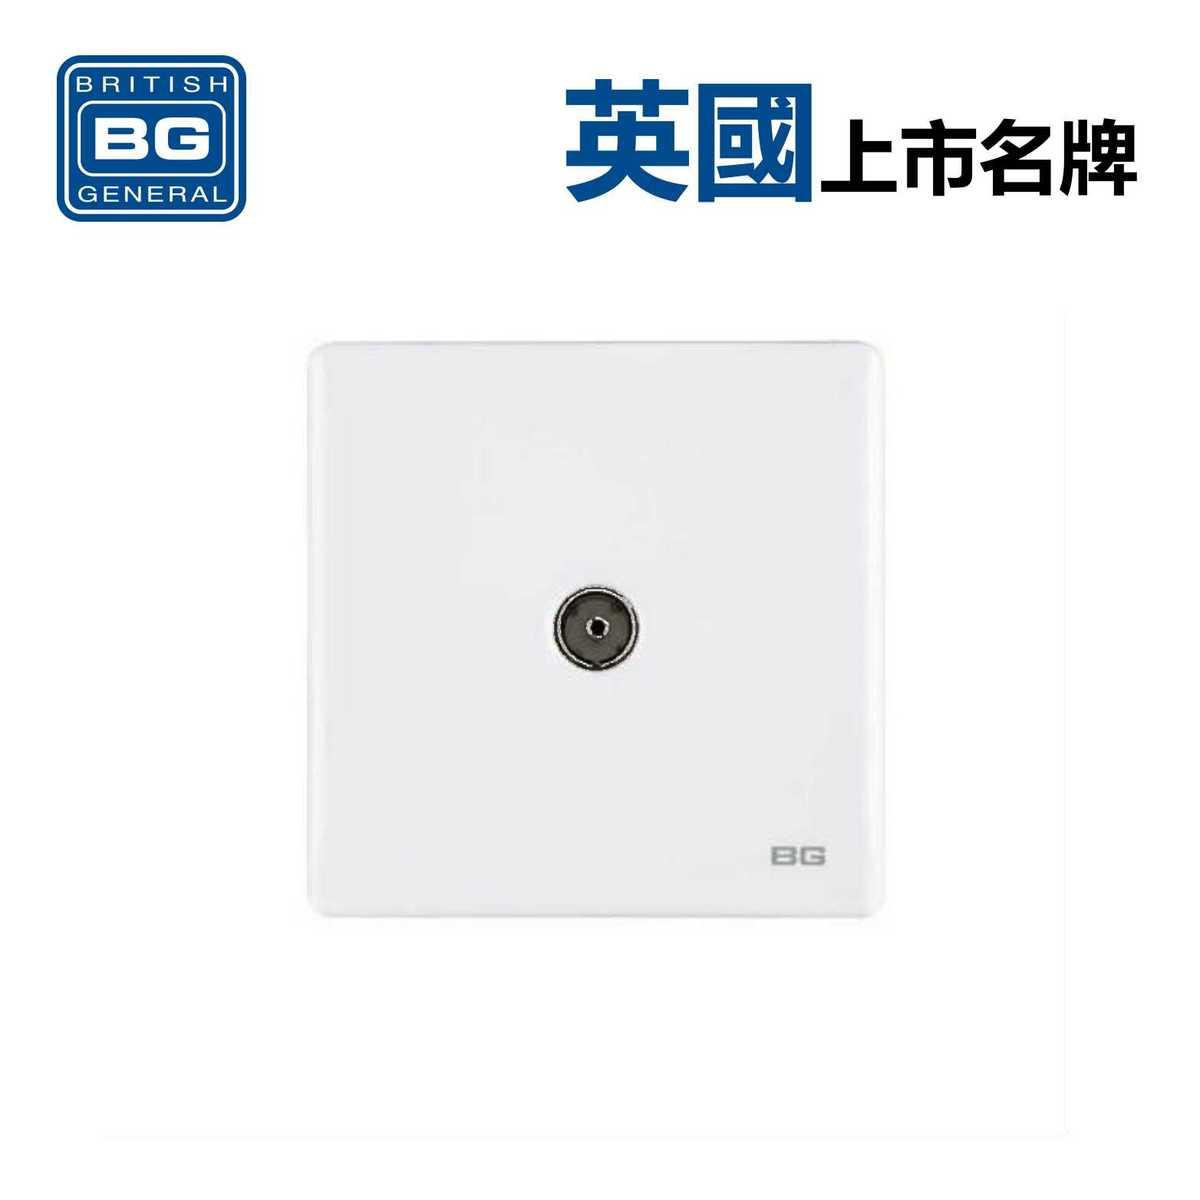 1位同軸插座 -白色 (型號 : PCWH60)